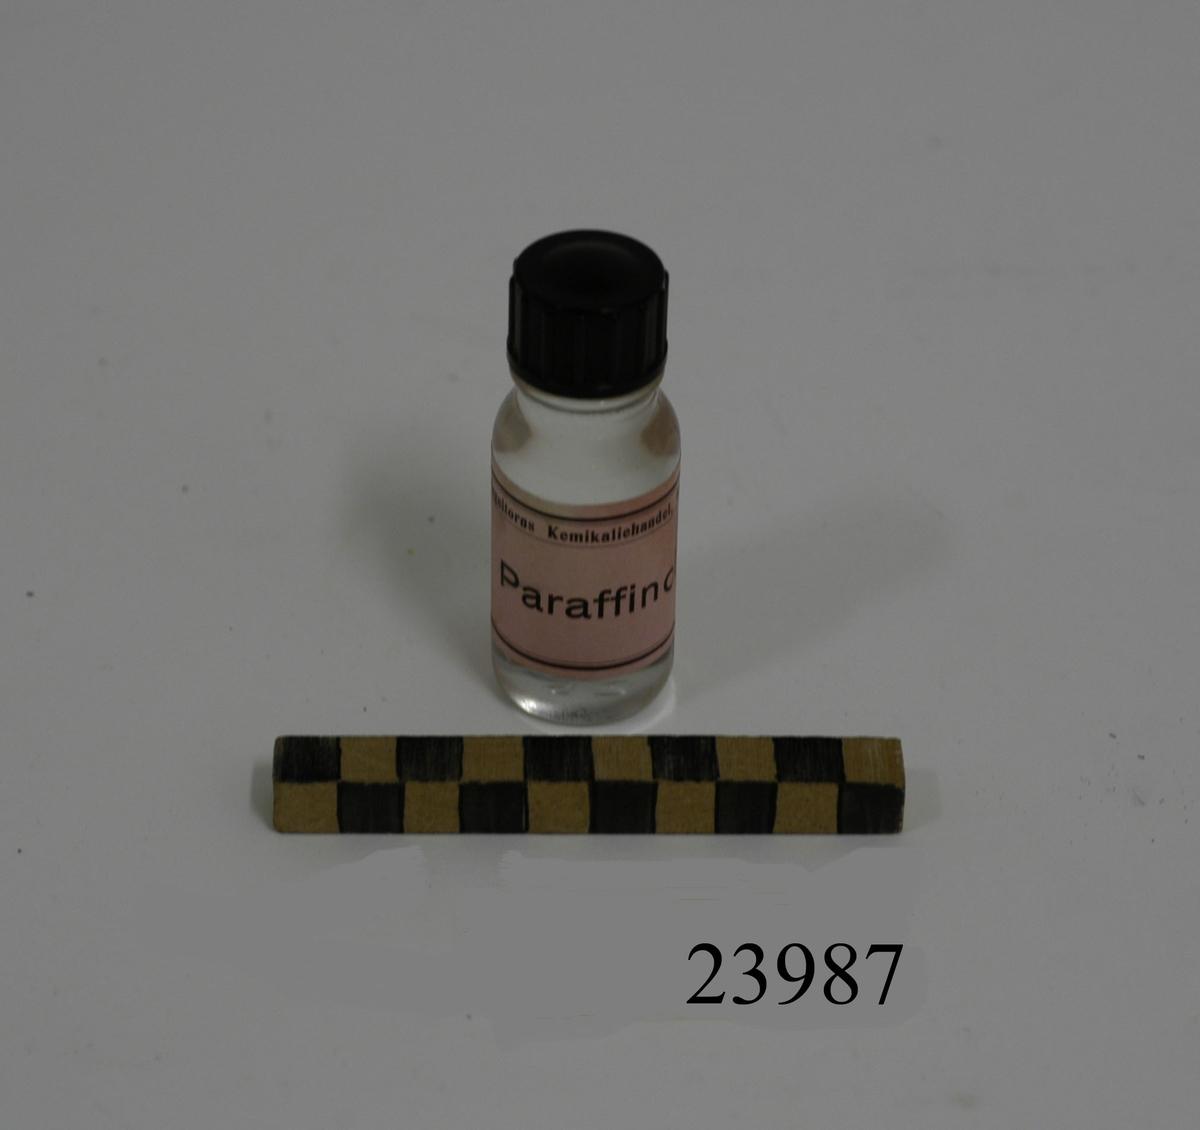 """Liten flaska av klart vitt glas med svart skruvkork av plast. Rosa etikett med text: """"Hageltorns Kemikaliehandel, Karlshamn. Paraffinolja"""". Innehåller Parafinolja. I botten """"25""""."""